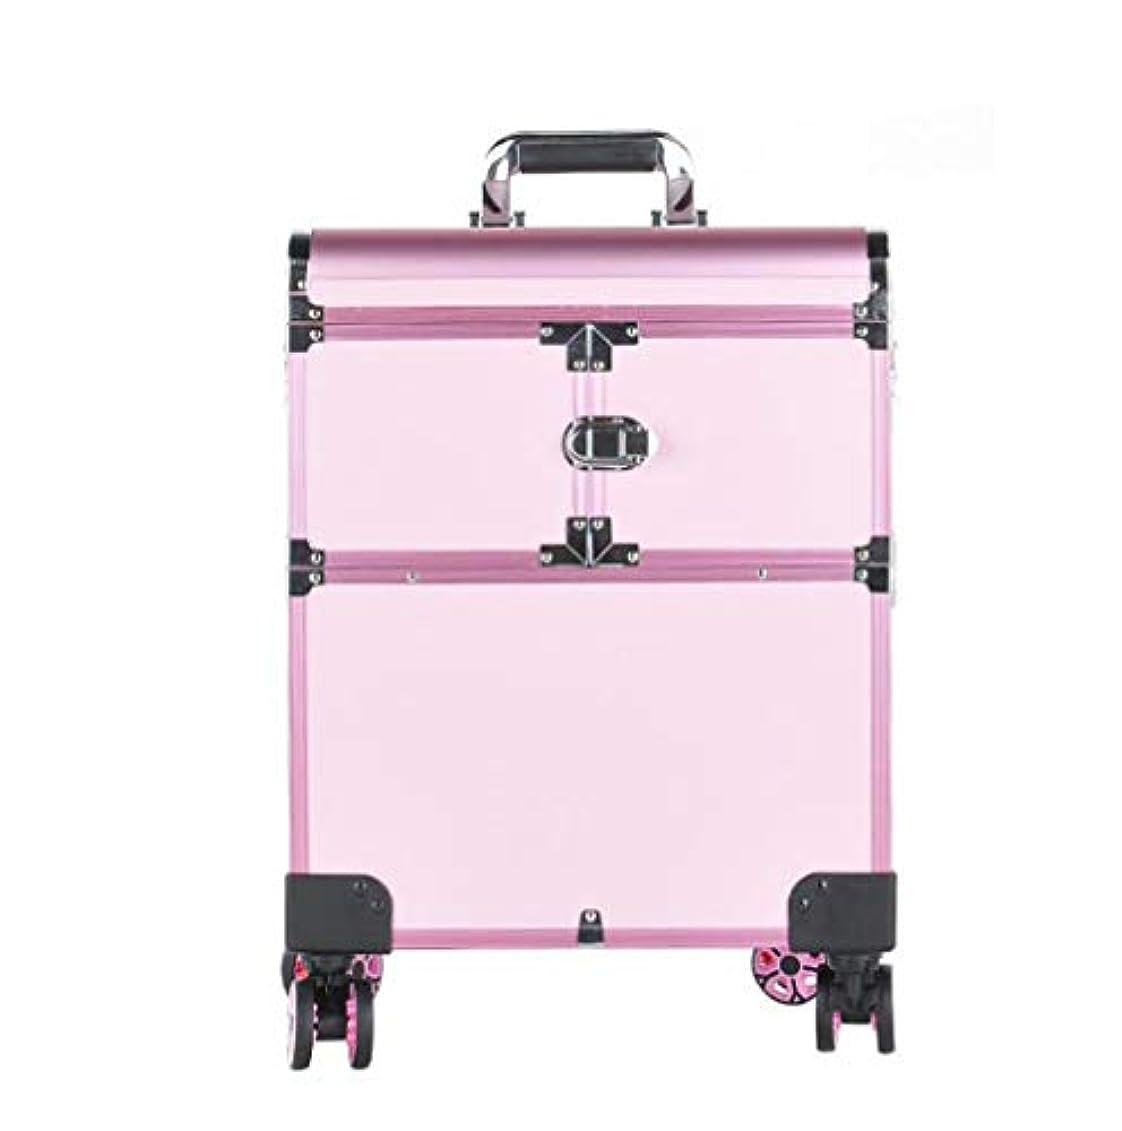 束懐疑論ヒロインBUMC 特大化粧列車化粧トロリーケース、多層大容量プロフェッショナル化粧品ポータブルレバーオーガナイザー収納ビューティーボックス,Pink